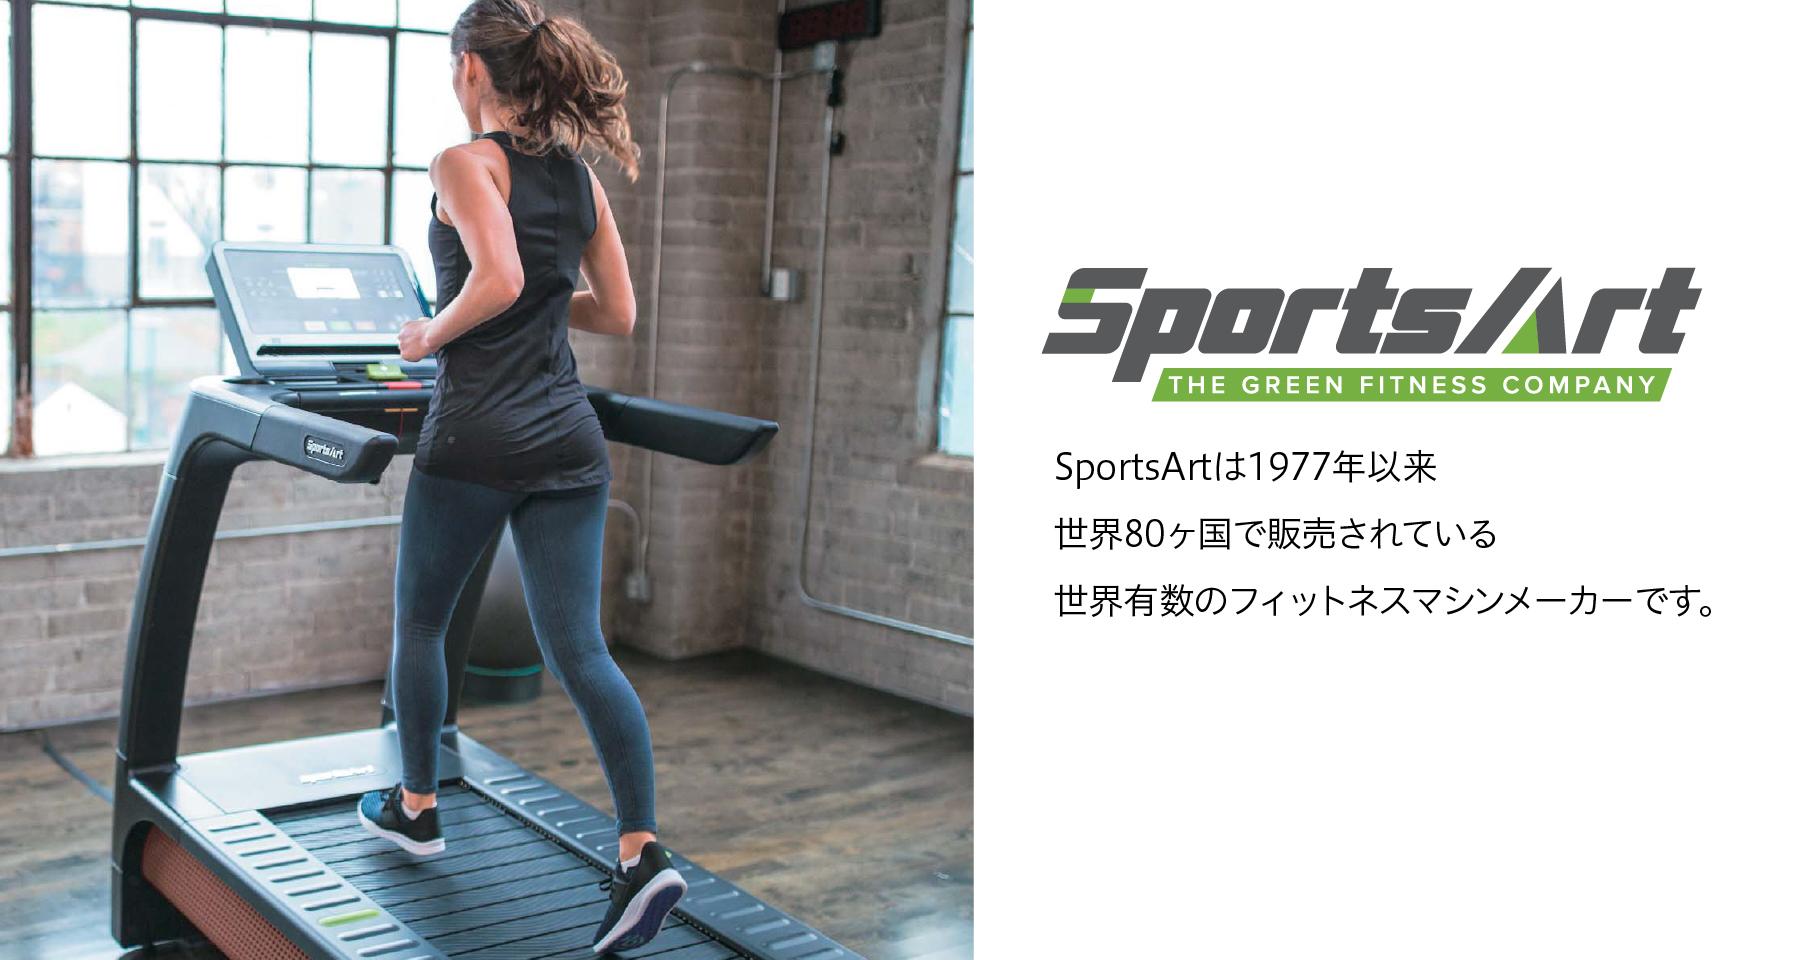 SportsArtは1977年以来世界80ヶ国で販売されている世界有数のフィットマシンメーカーです。